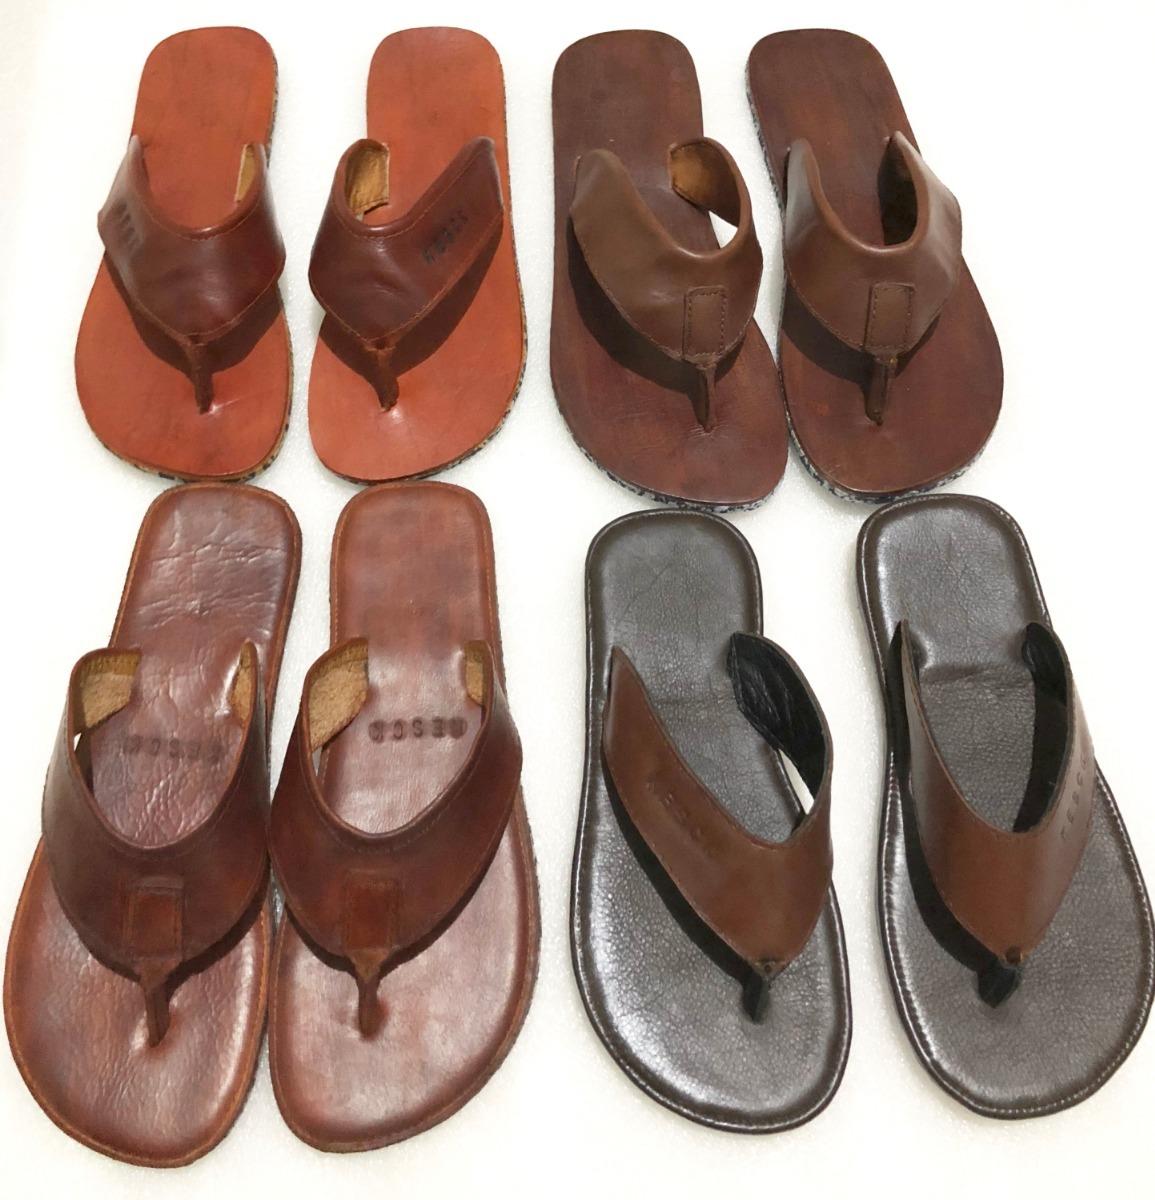 75b6940966 promoção chinelo sandalia masculina artesanal couro legitimo. Carregando  zoom.